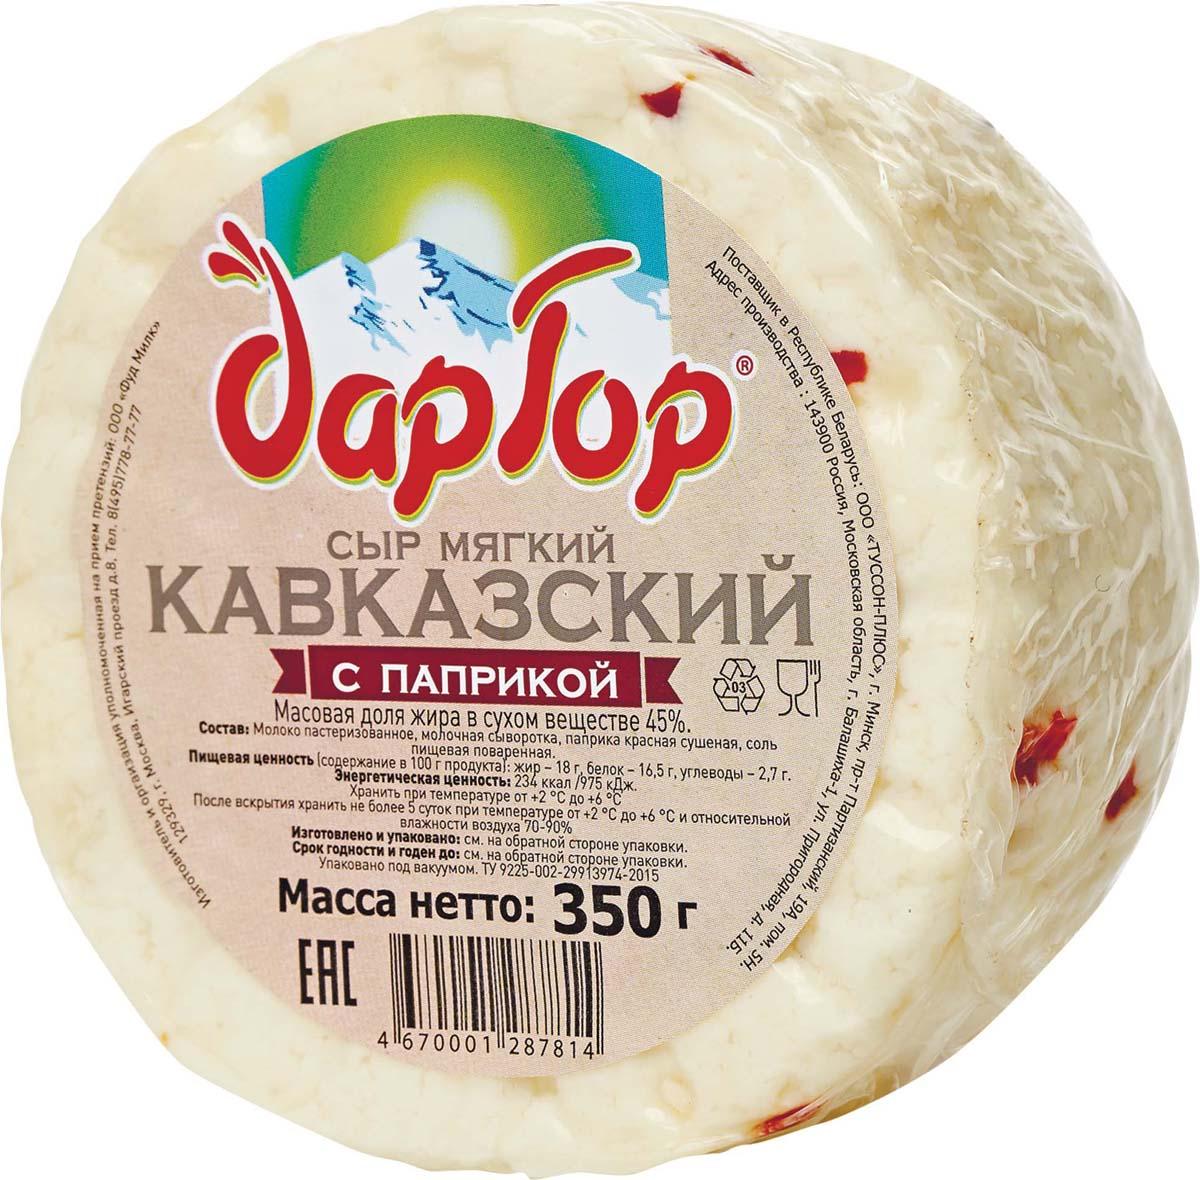 Дар Гор Сыр мягкий Кавказский с Паприкой, 350 г дар гор сыр чанах 40% с чёрными и зелёными плодами оливы в масле 40% 250 г